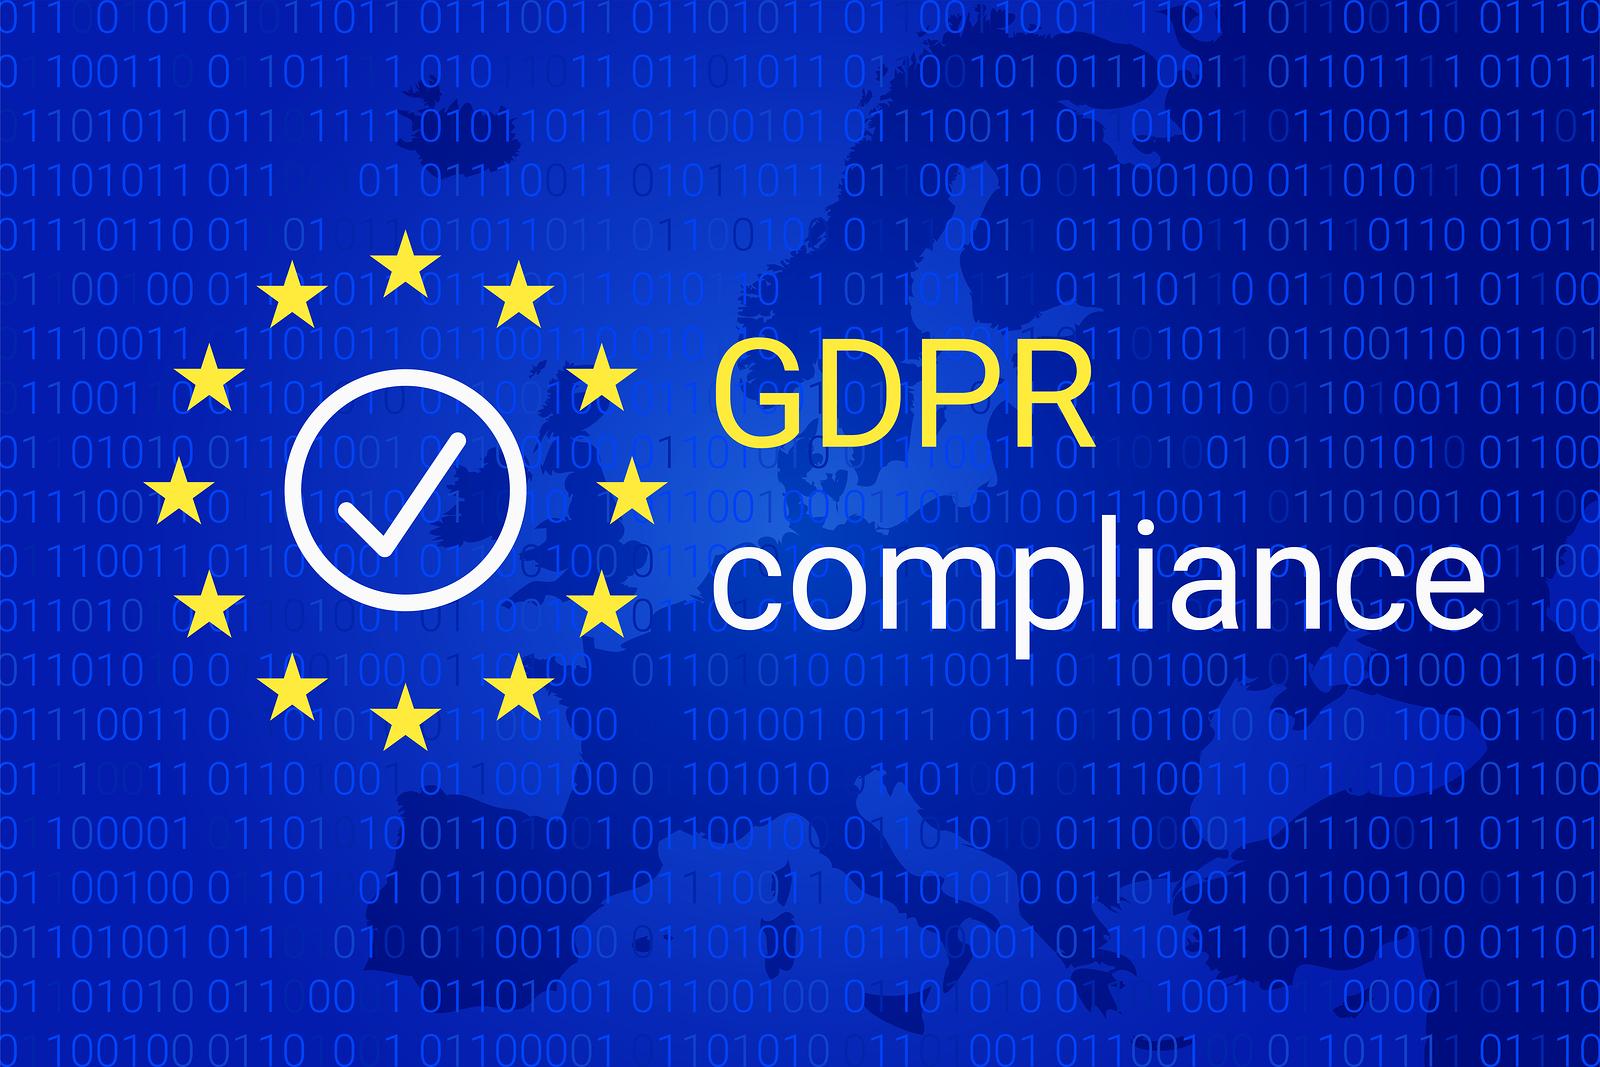 WordPress GDPR Compliance Plugin: Critical vulnerability